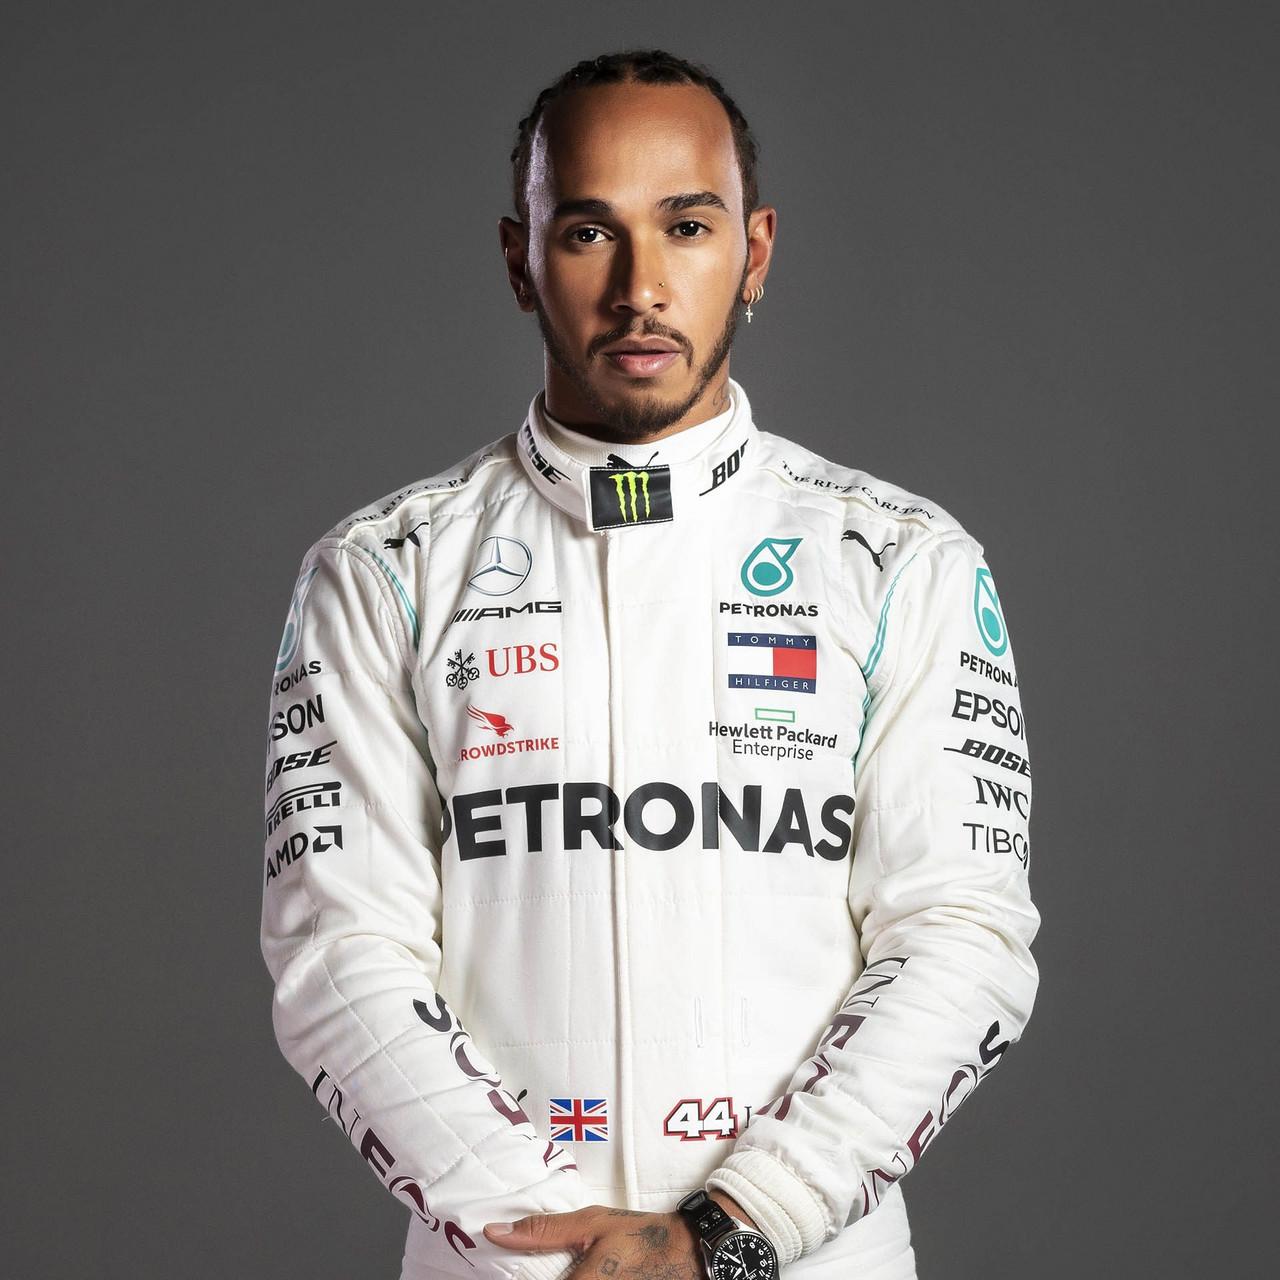 Las polémicas declaraciones de Lewis Hamilton